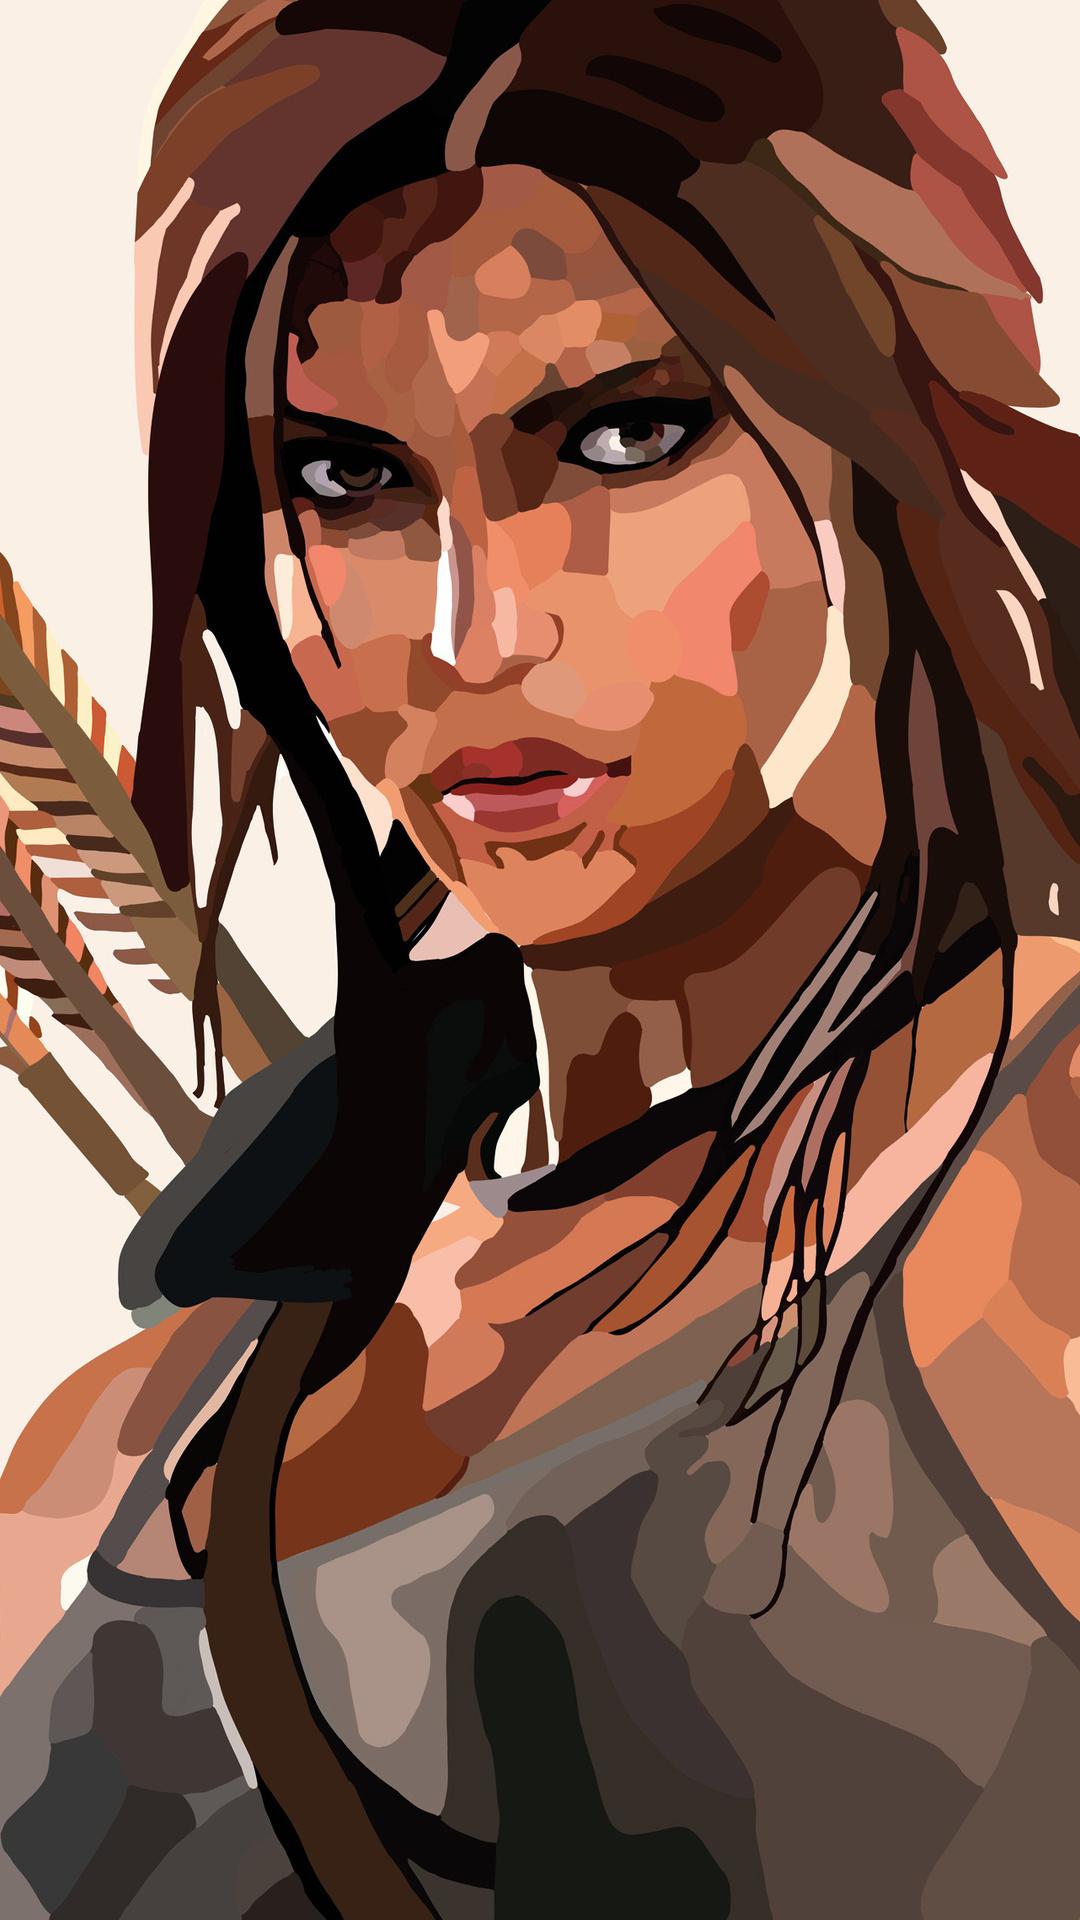 lara-croft-tomb-raider-vector-art-4k-j7.jpg